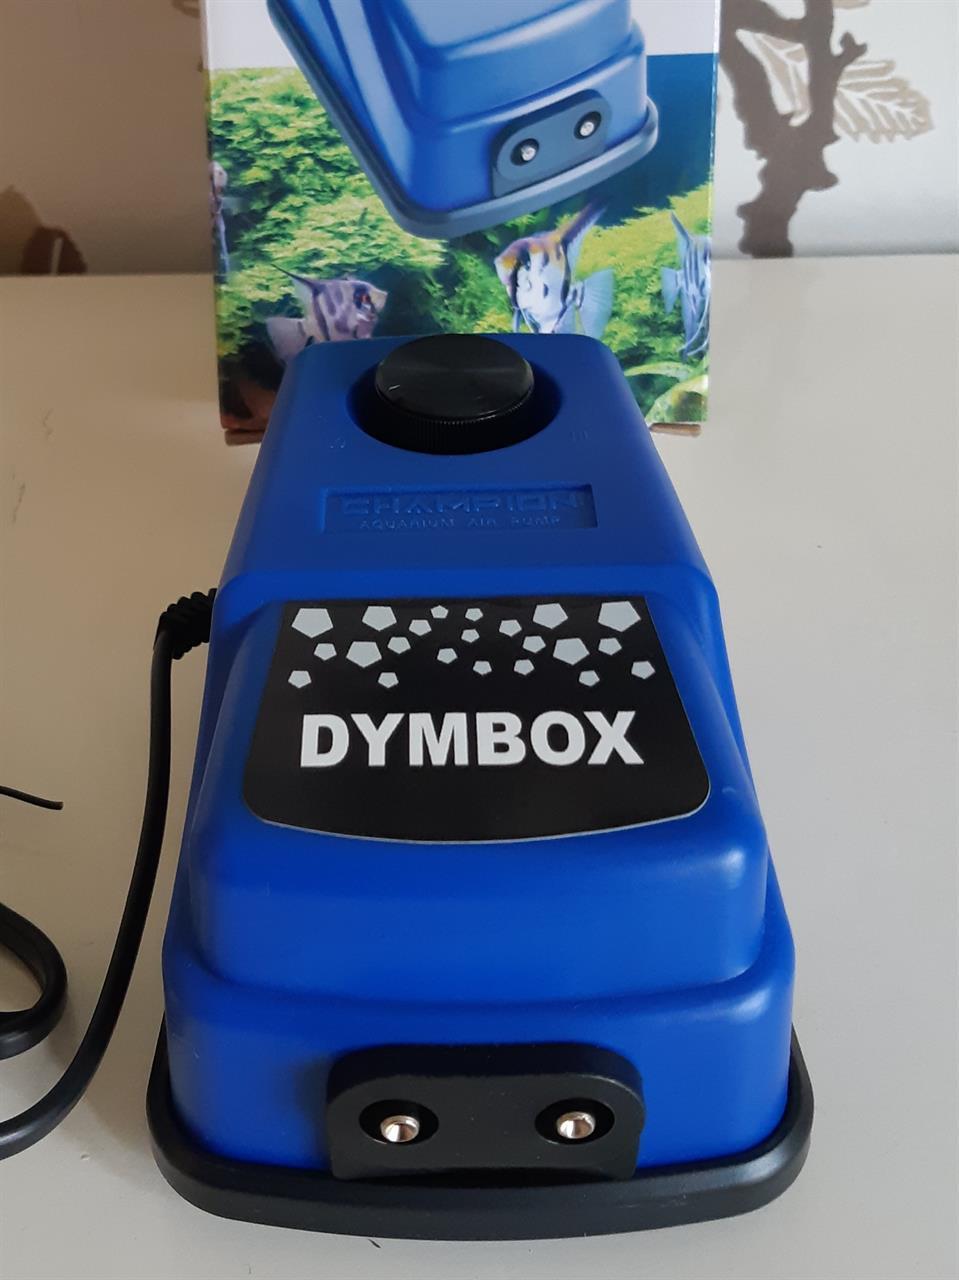 DYMBOX Luftpump för rökgeneratorer. Inkl. svensk bruksanvisning, service och garanti.